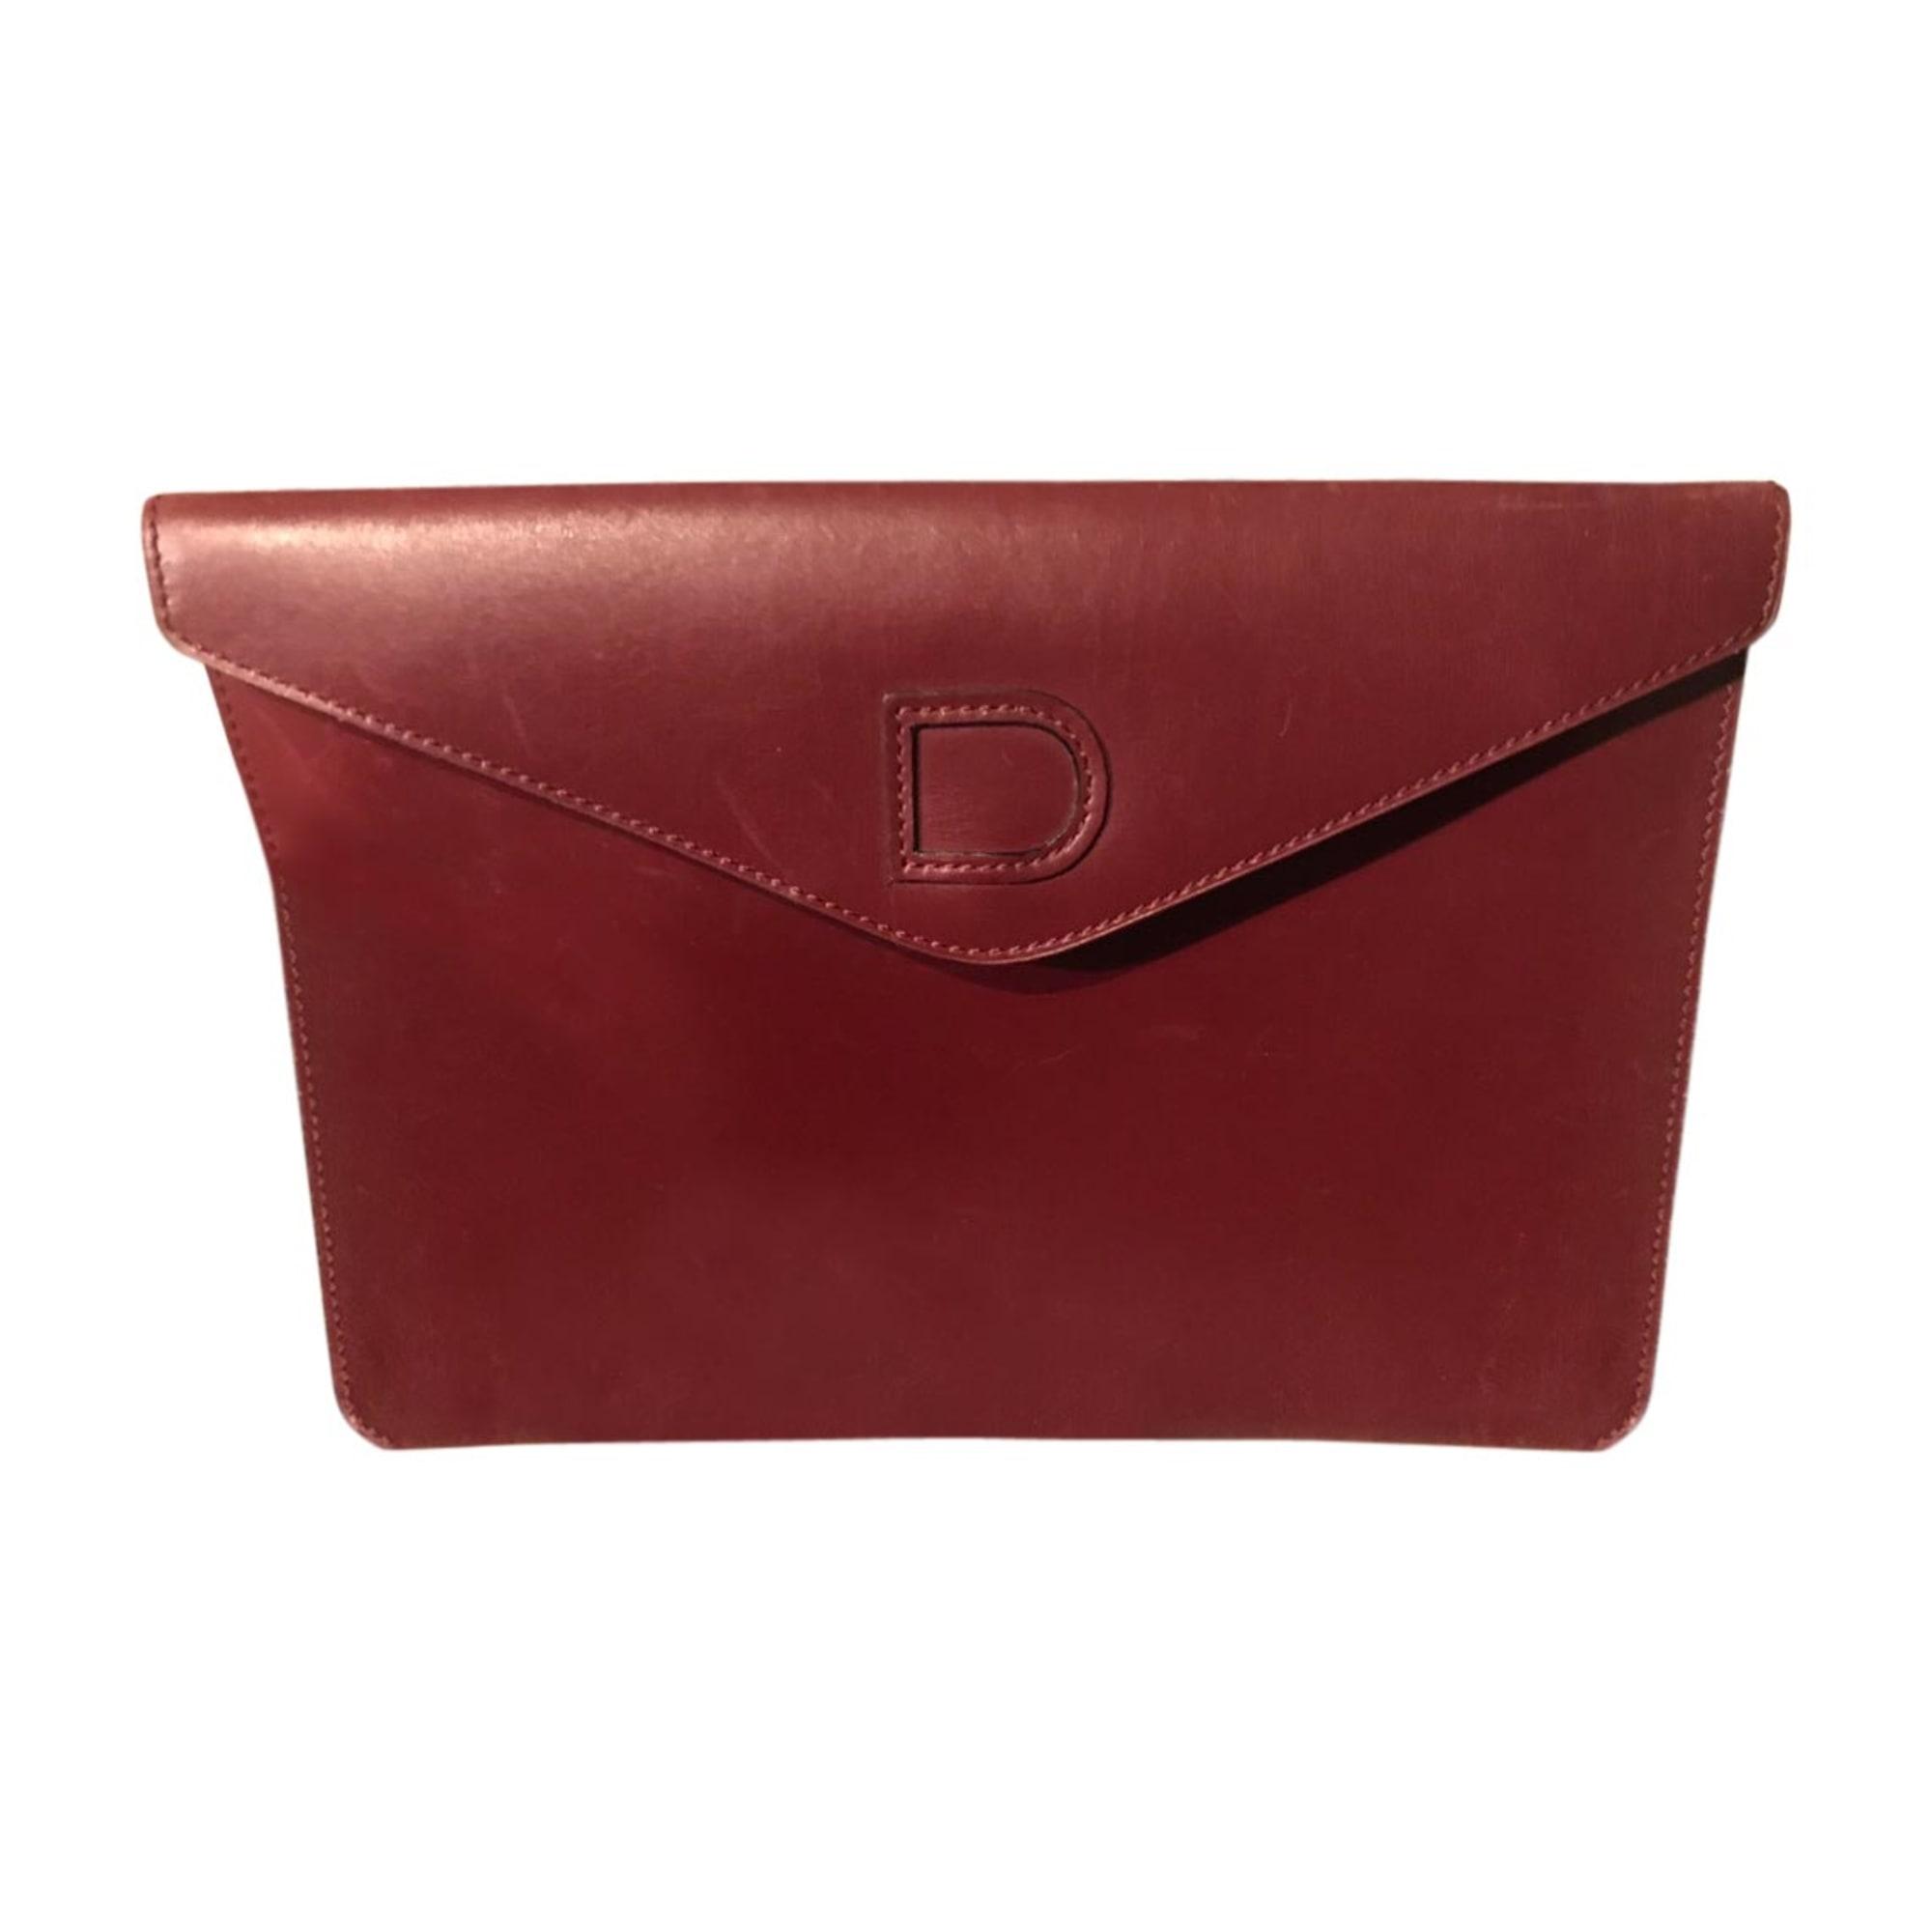 Pochette DELVAUX Rouge, bordeaux